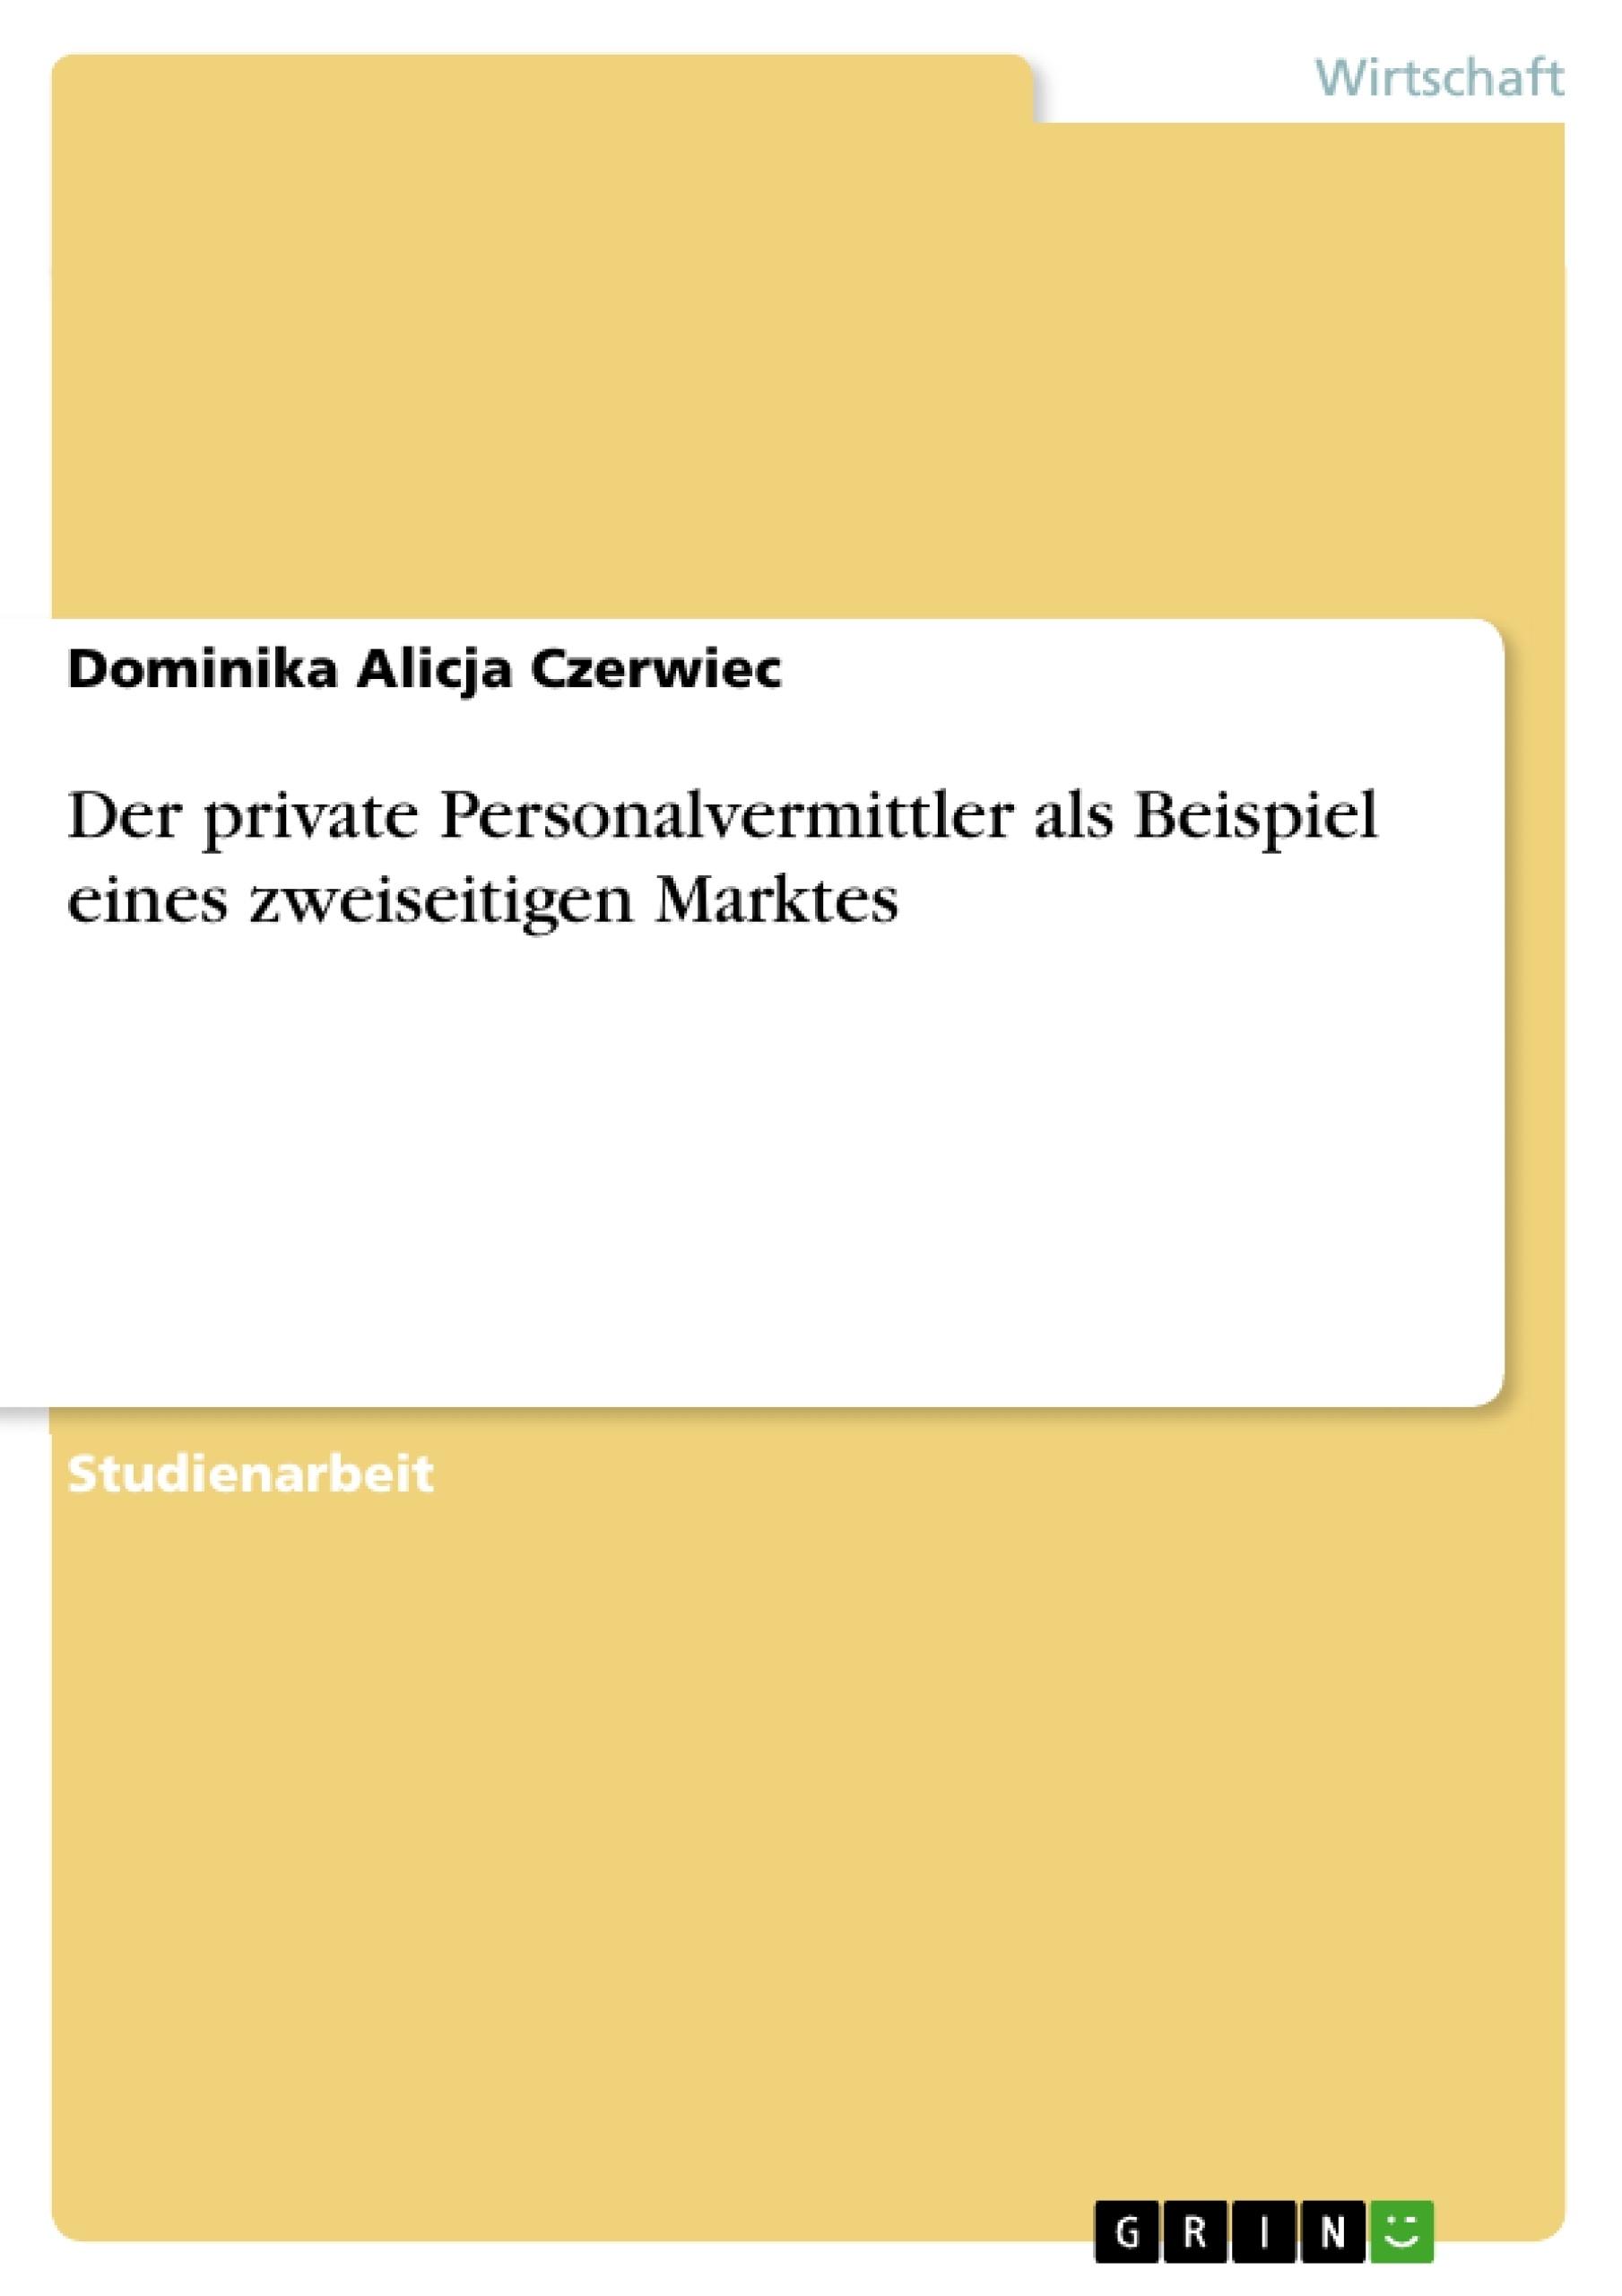 Titel: Der private Personalvermittler als Beispiel eines zweiseitigen Marktes